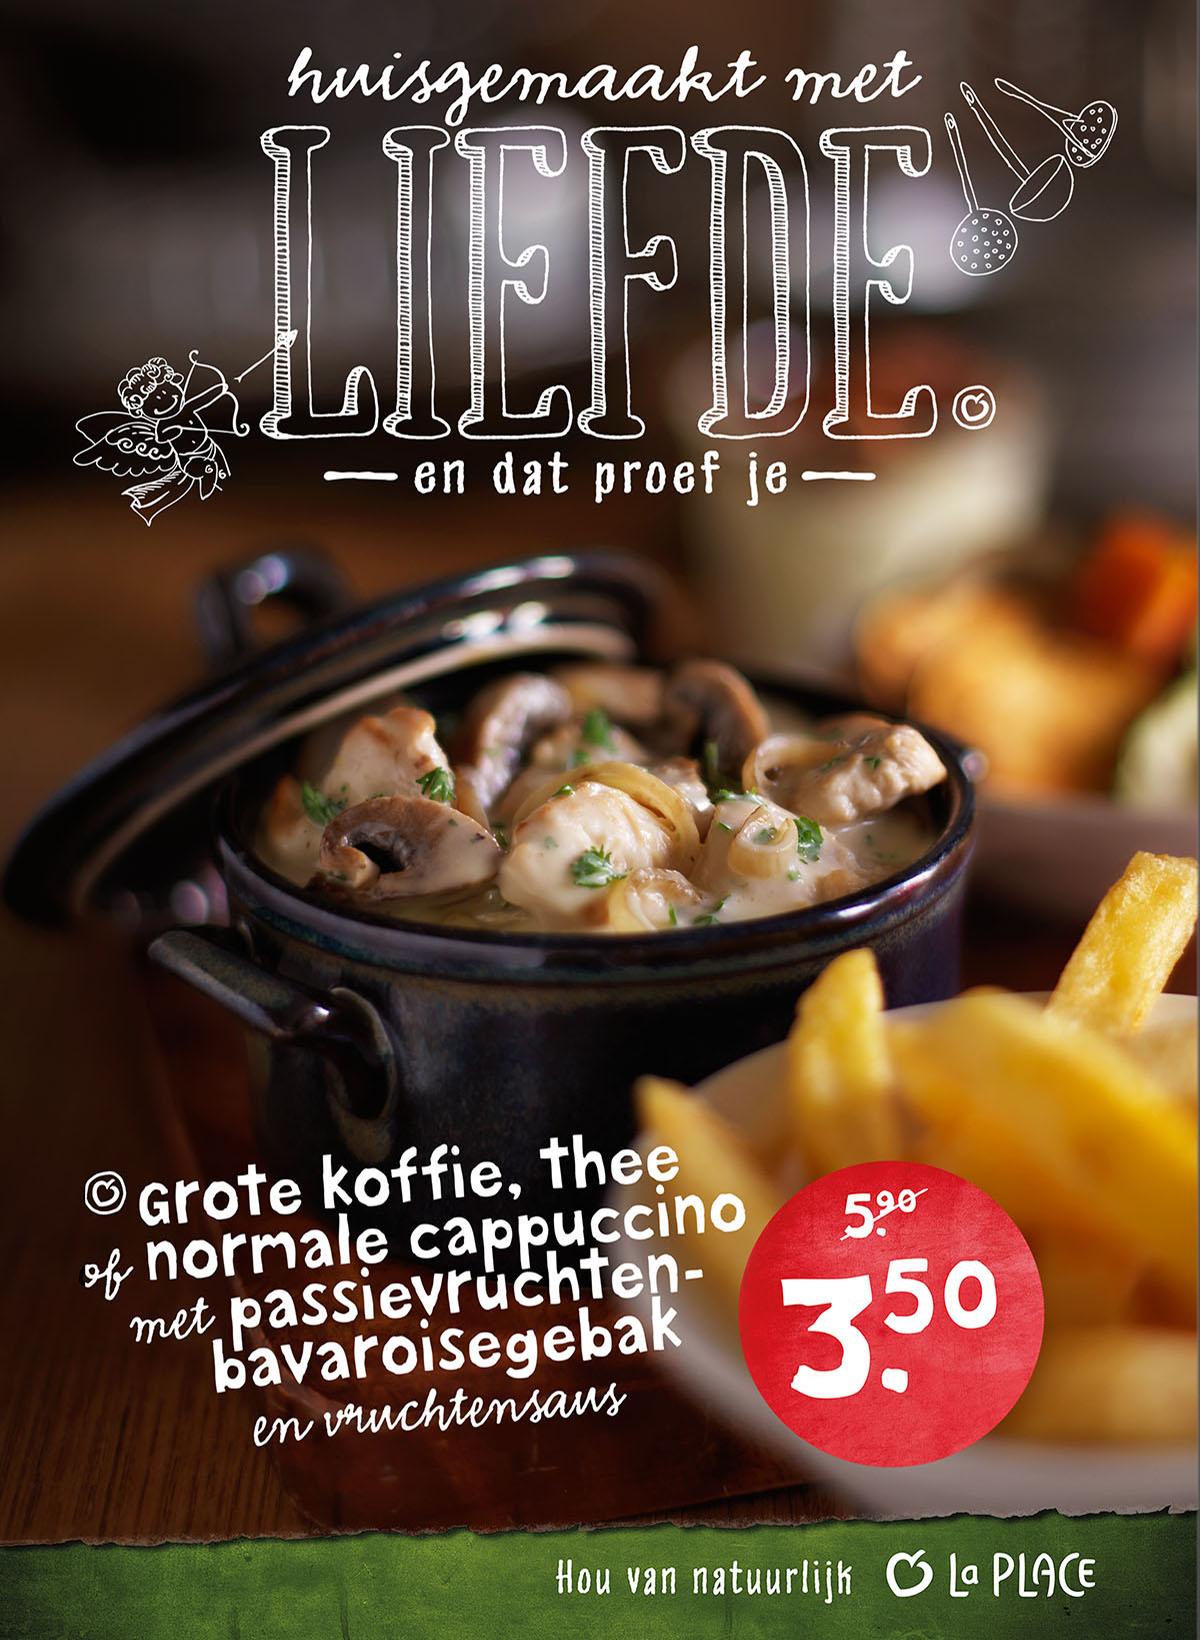 Amsterdam Food fotografie van een stoofpot met frietjes gemaakt door Studio_m Fotografie Amsterdam